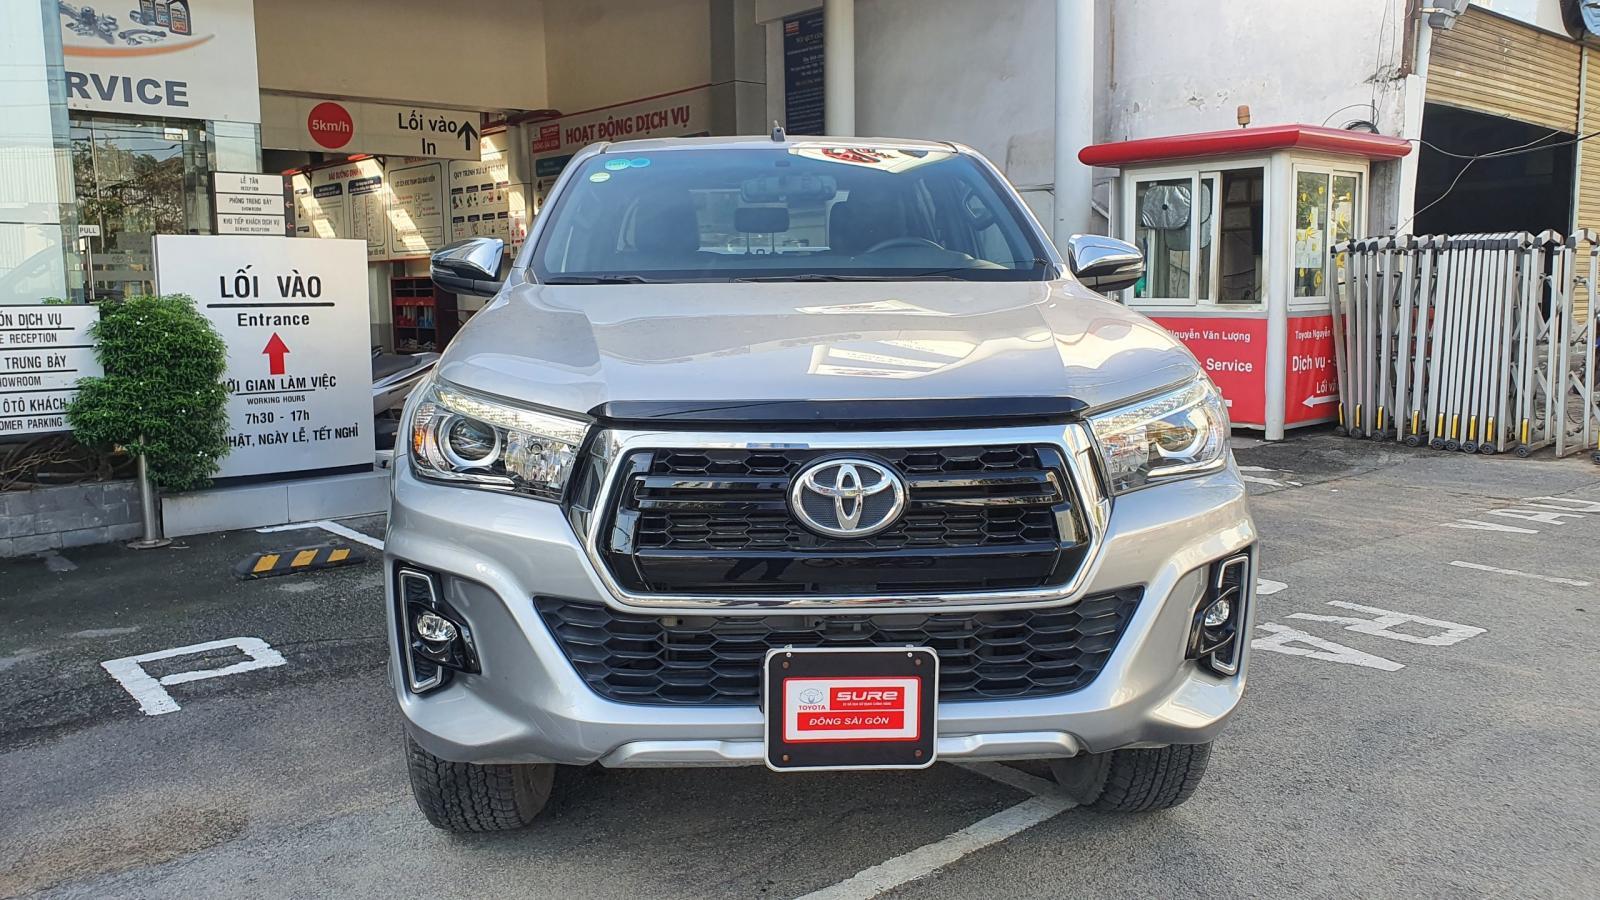 Bán ô tô Toyota Hilux 2.8G 4x4 Số Tự Động đời 2019, màu bạc, lướt 17000km giá cực tốt